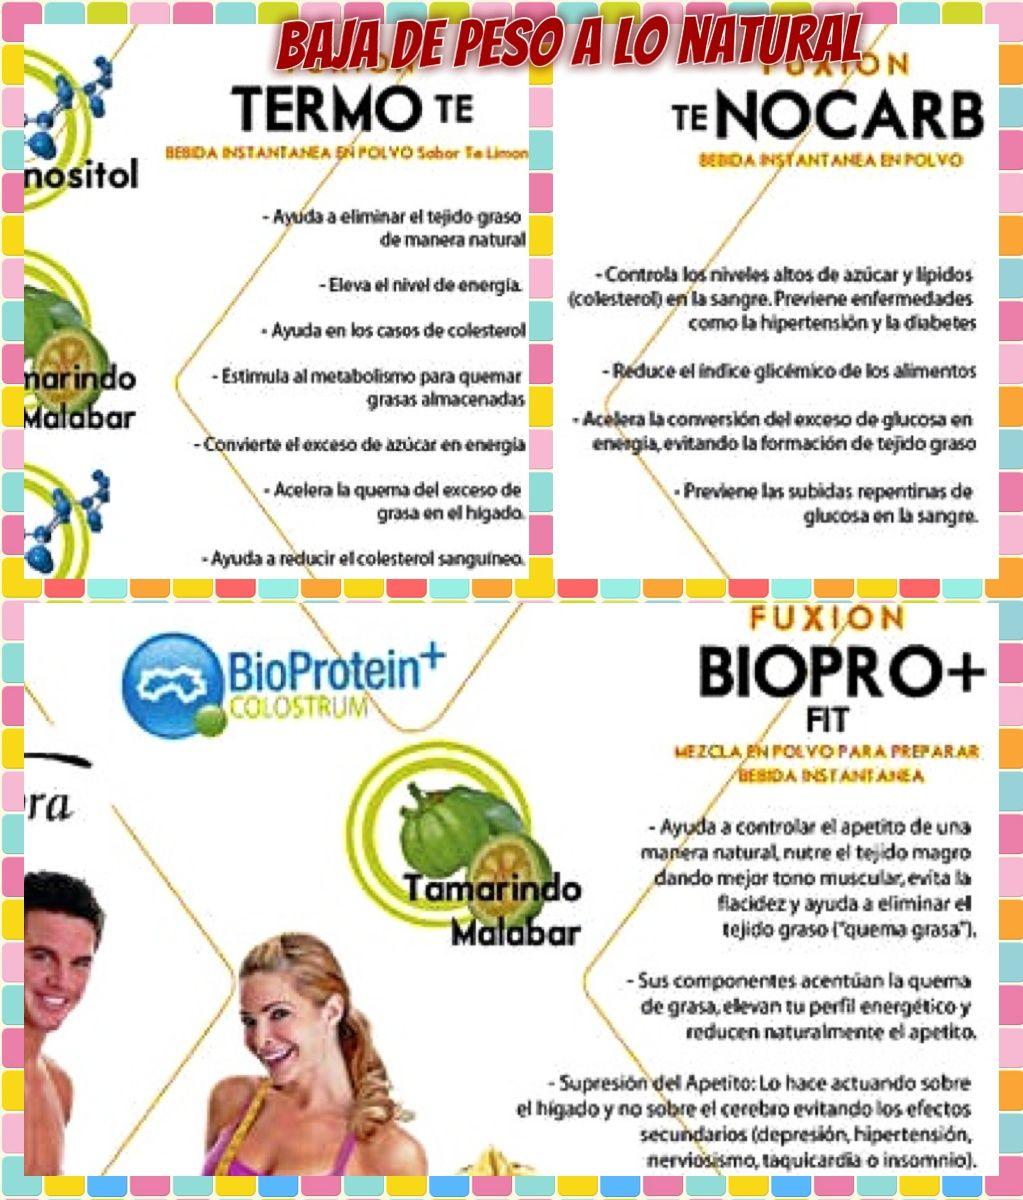 productos naturales para bajar de peso peruanos